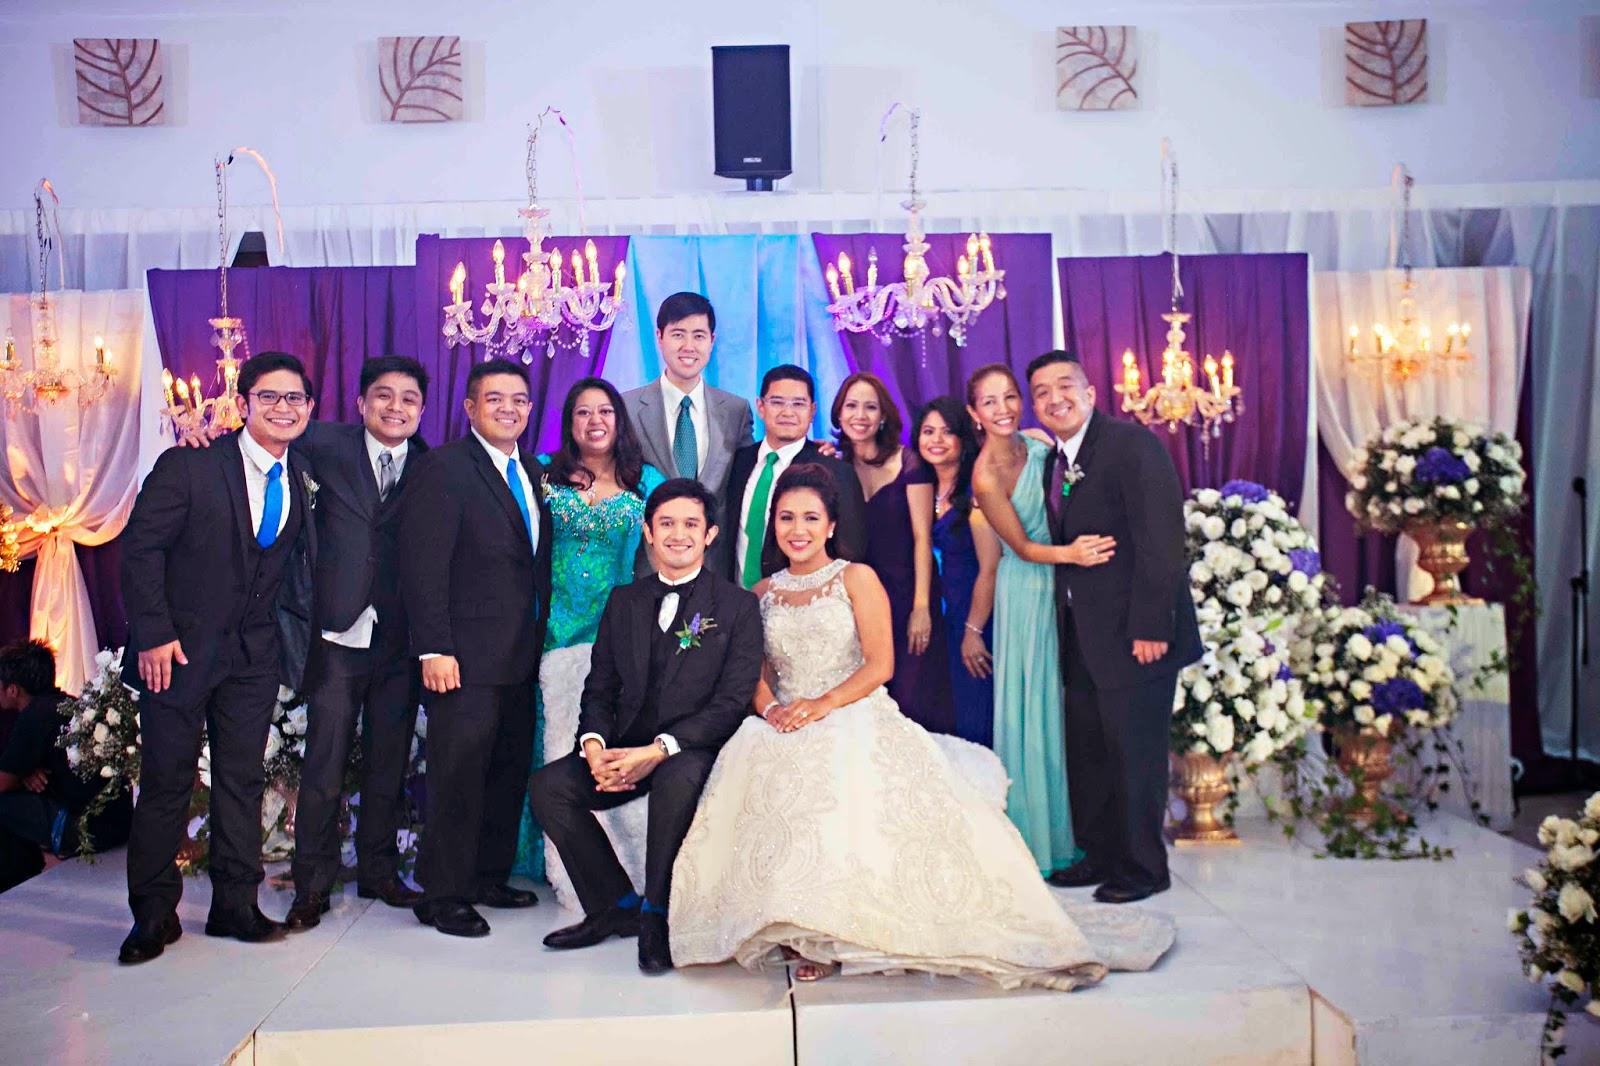 Aguilar Cousins